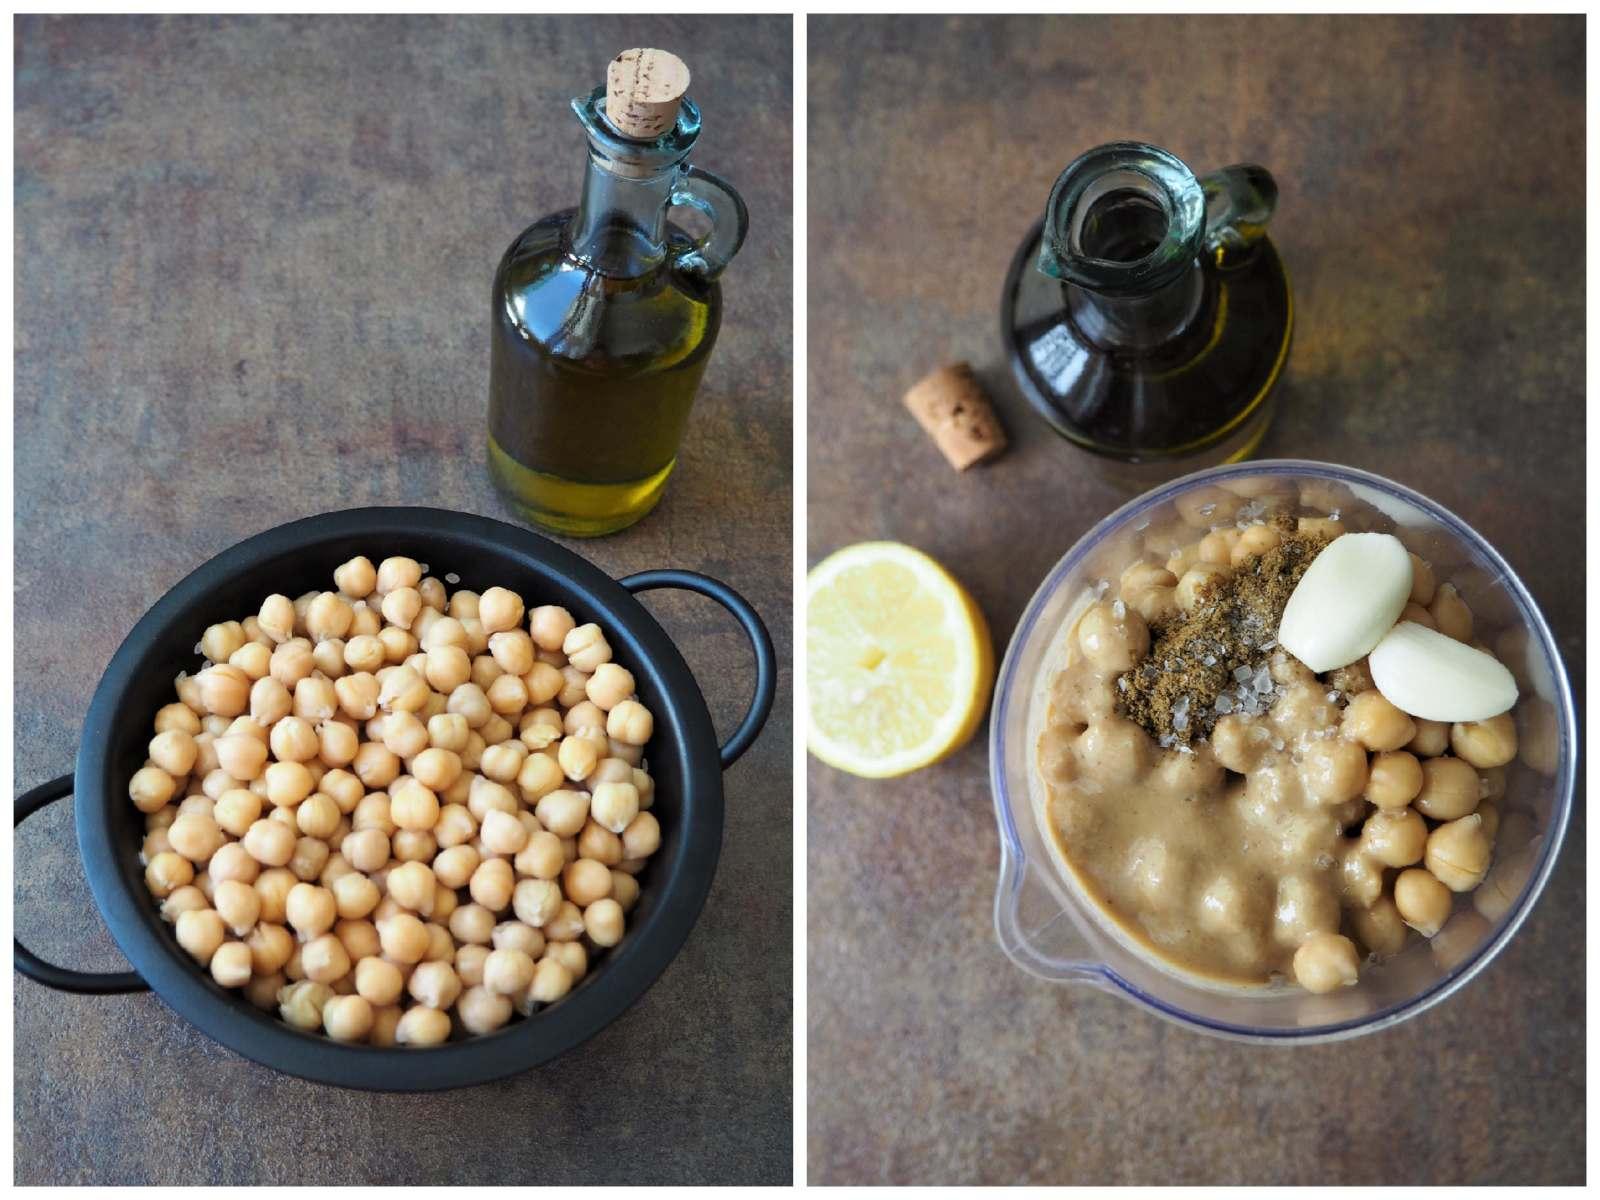 Selbstgemachter Hummus Zutaten abgebildet